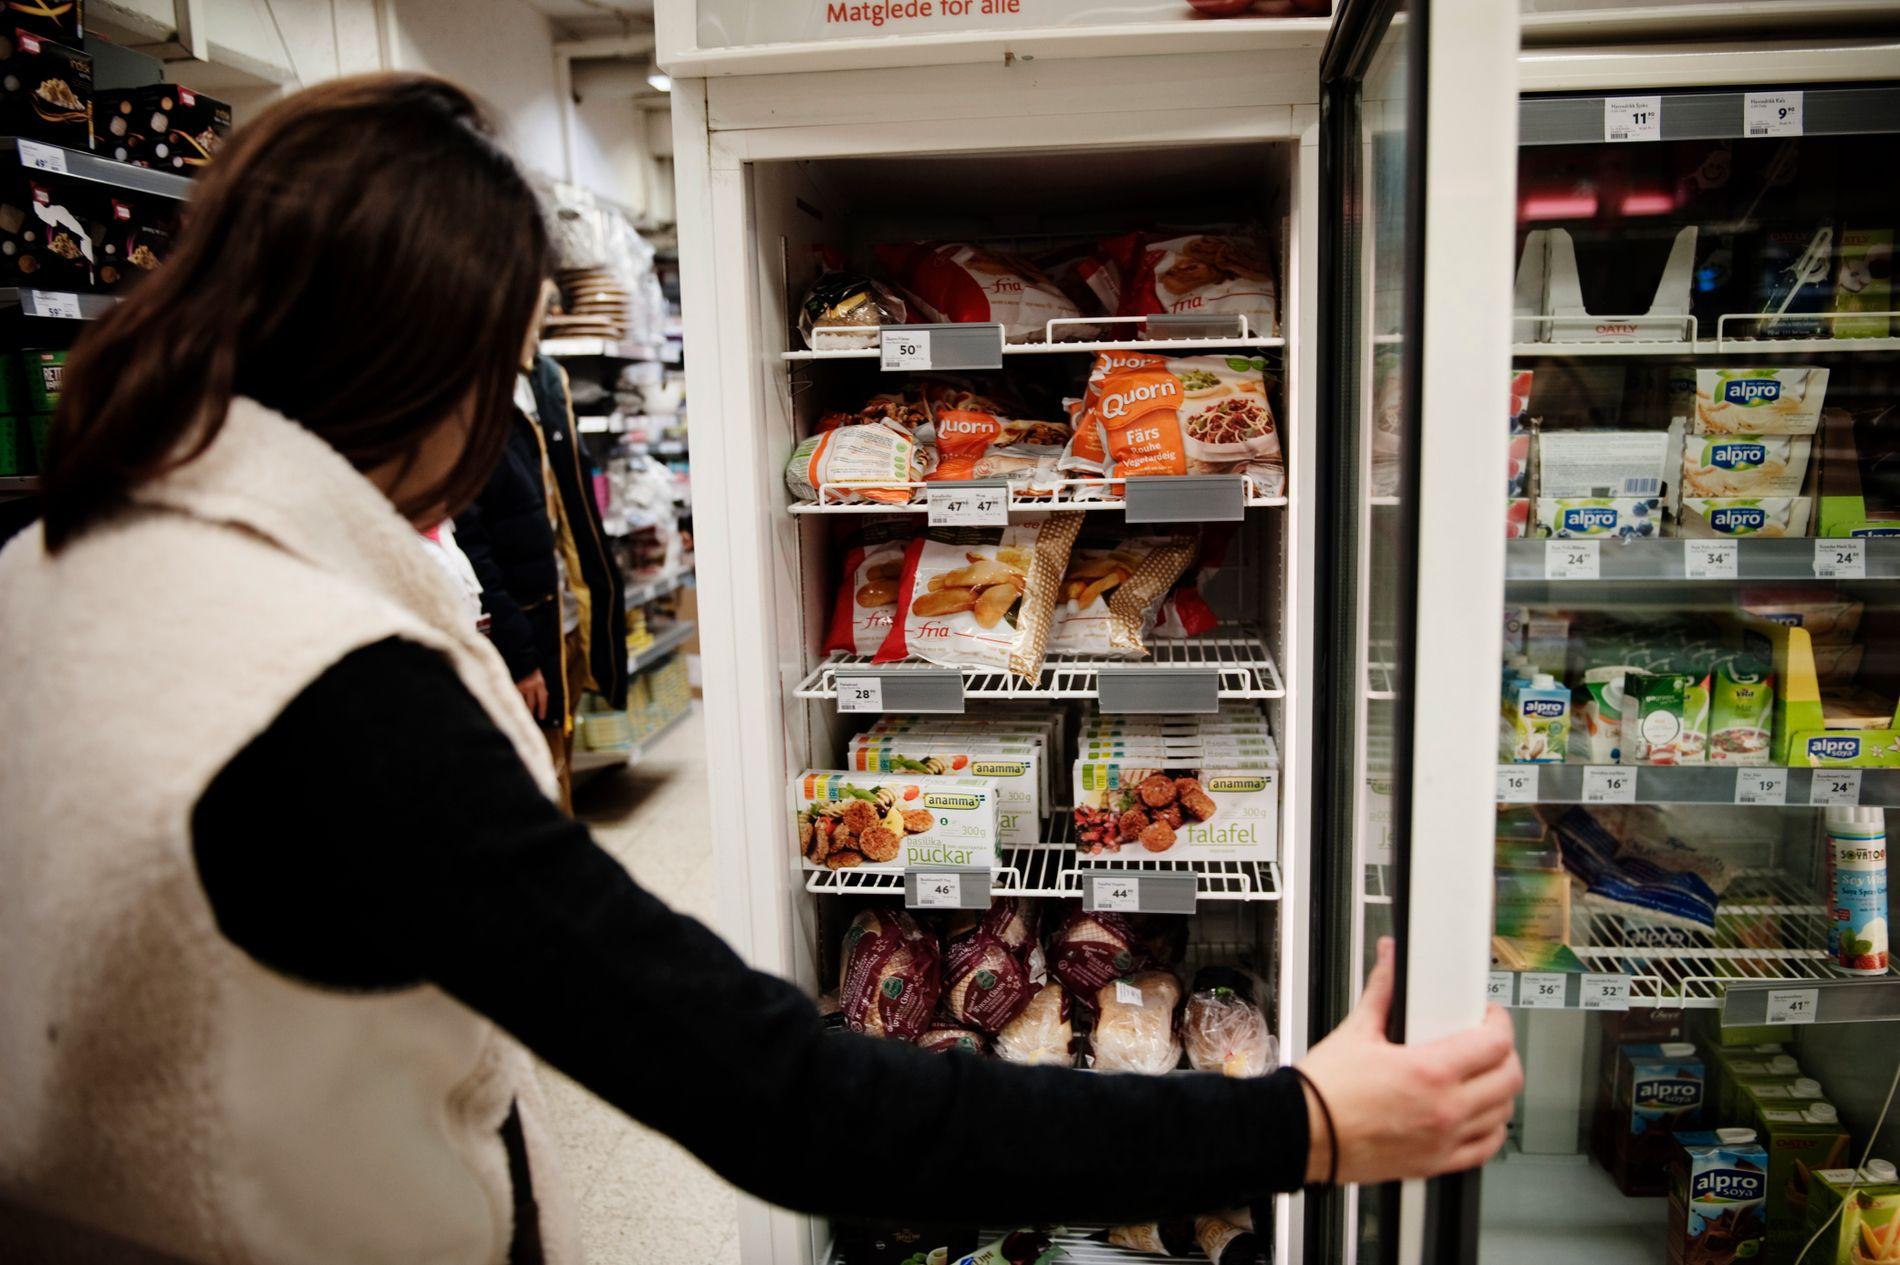 GLUTENFRITT: –  I prosessen med å beregne ekstrautgifter ved et glutenfritt kosthold må det tas mange valg og en del forutsetninger som har innvirkning på den endelige beregningen, skriver SIFO-forskerne.